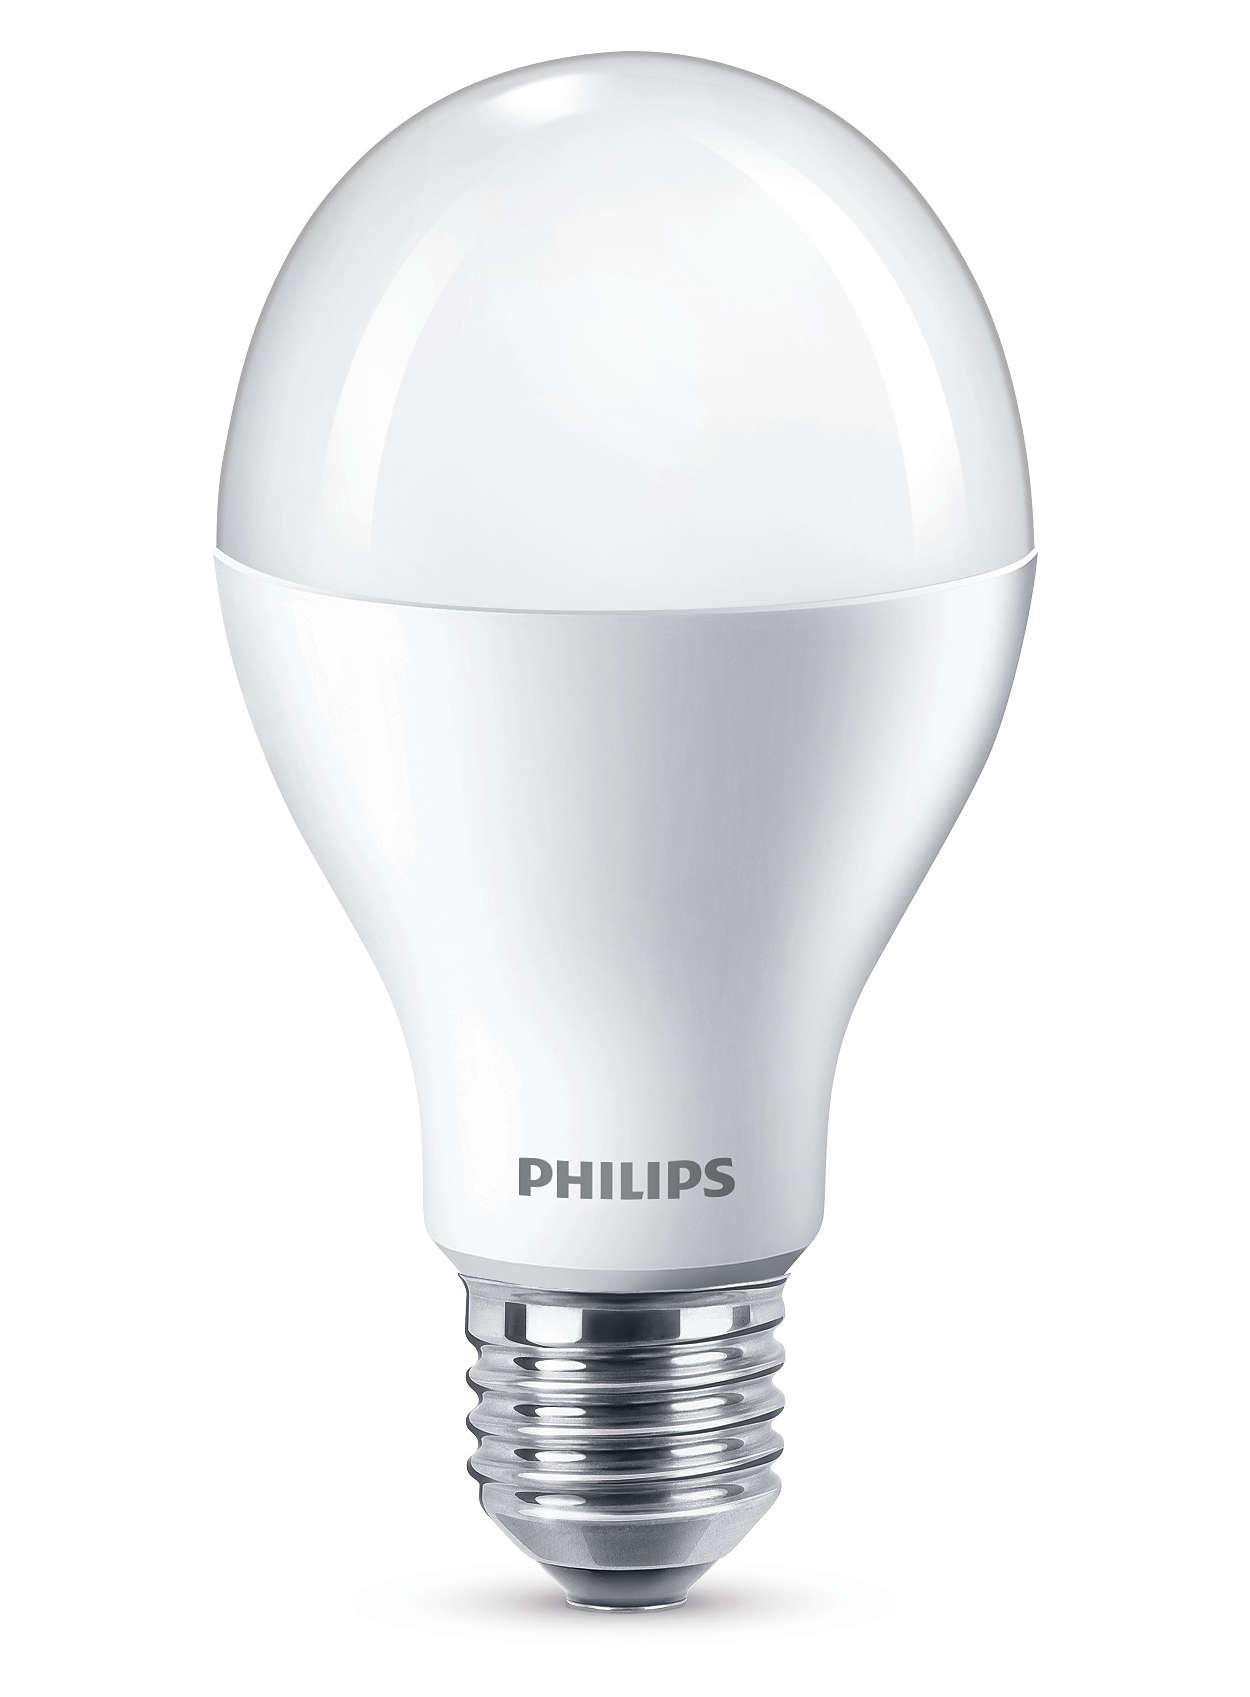 Dizajnirano za savršenu kvalitetu svjetla